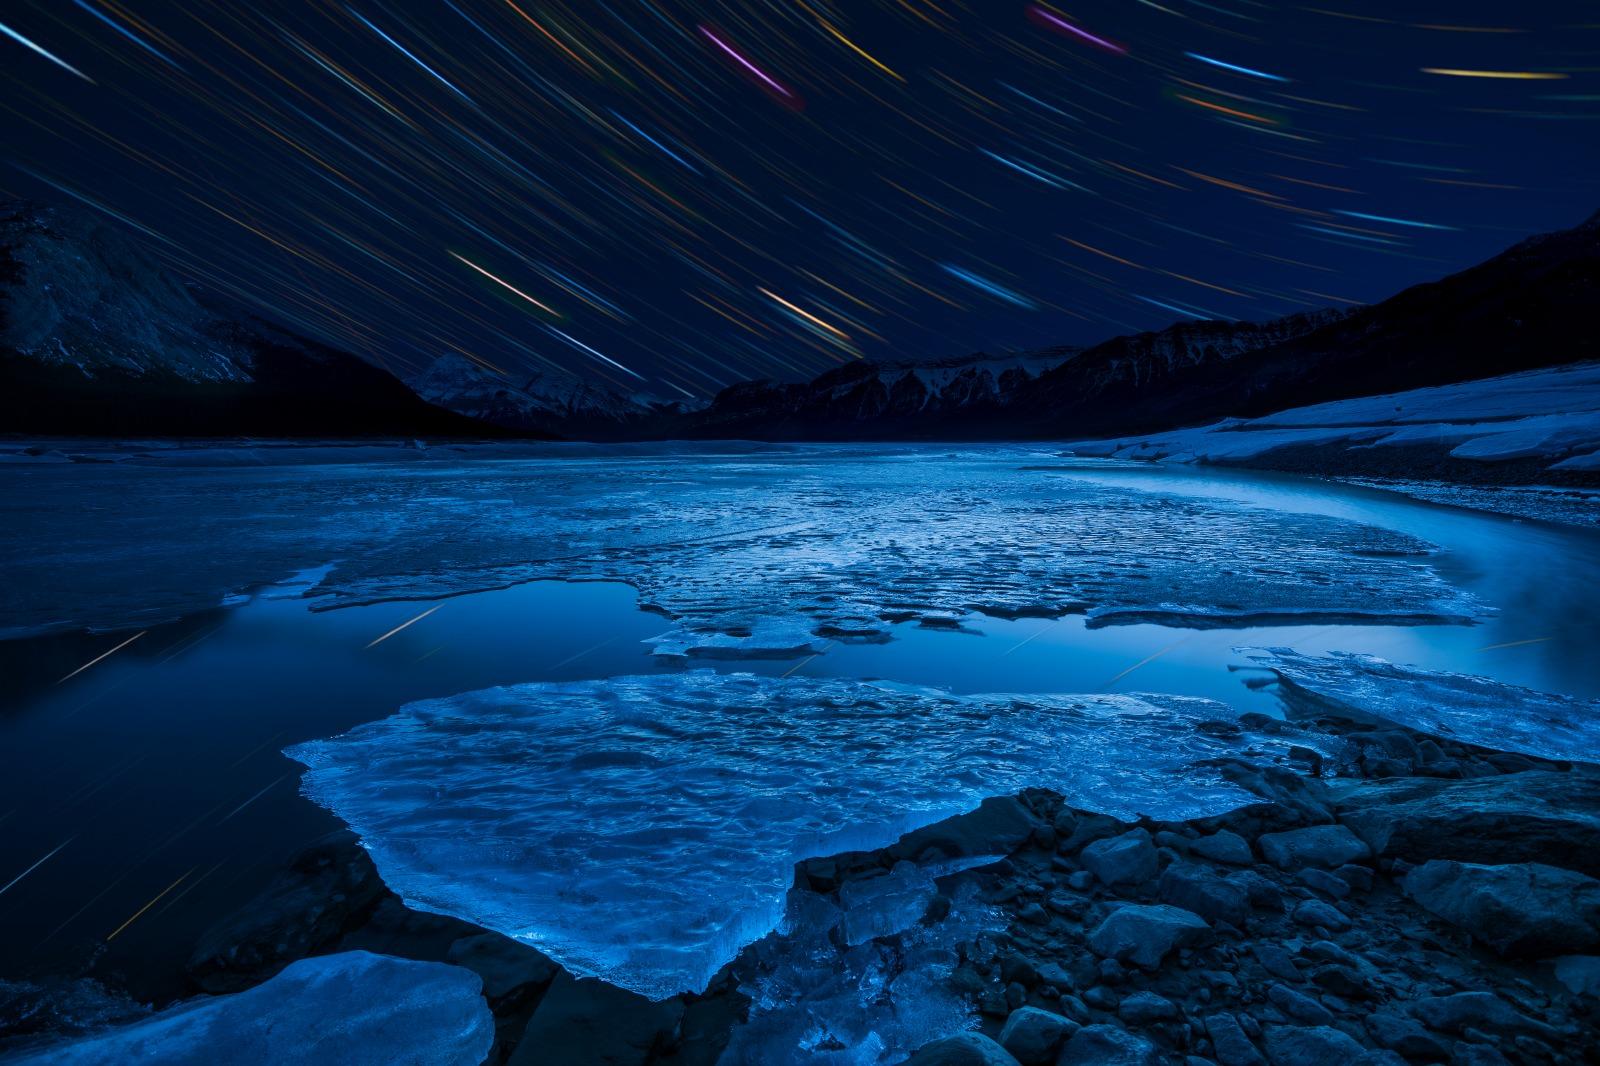 カナダの風景 夜のアブラハム湖カナダの風景 夜のアブラハム湖